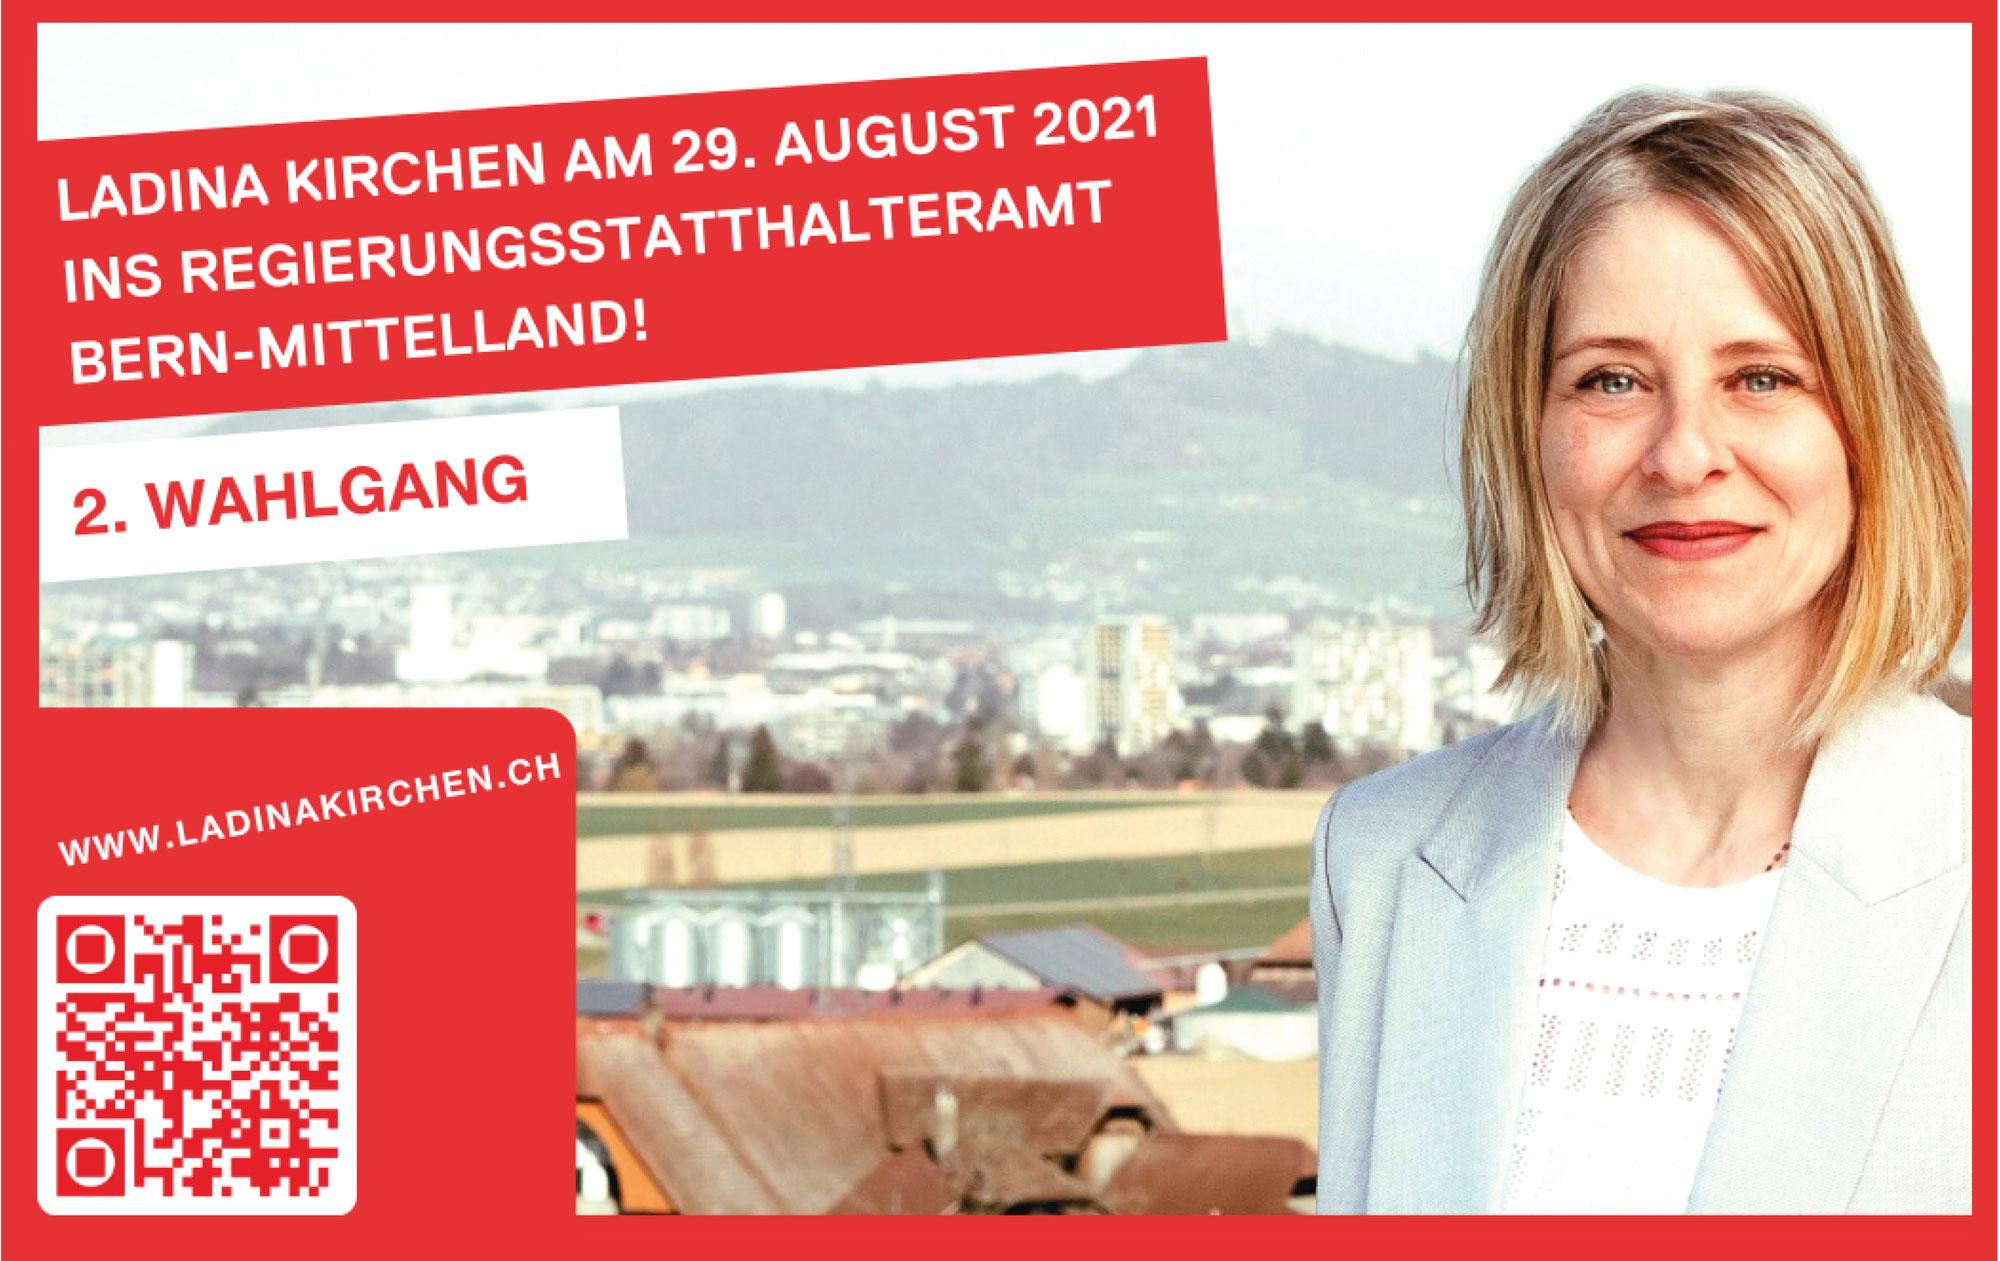 Wahl der Regierungsstatthalterinnen und Regierungstatthalter Bern-Mittelland